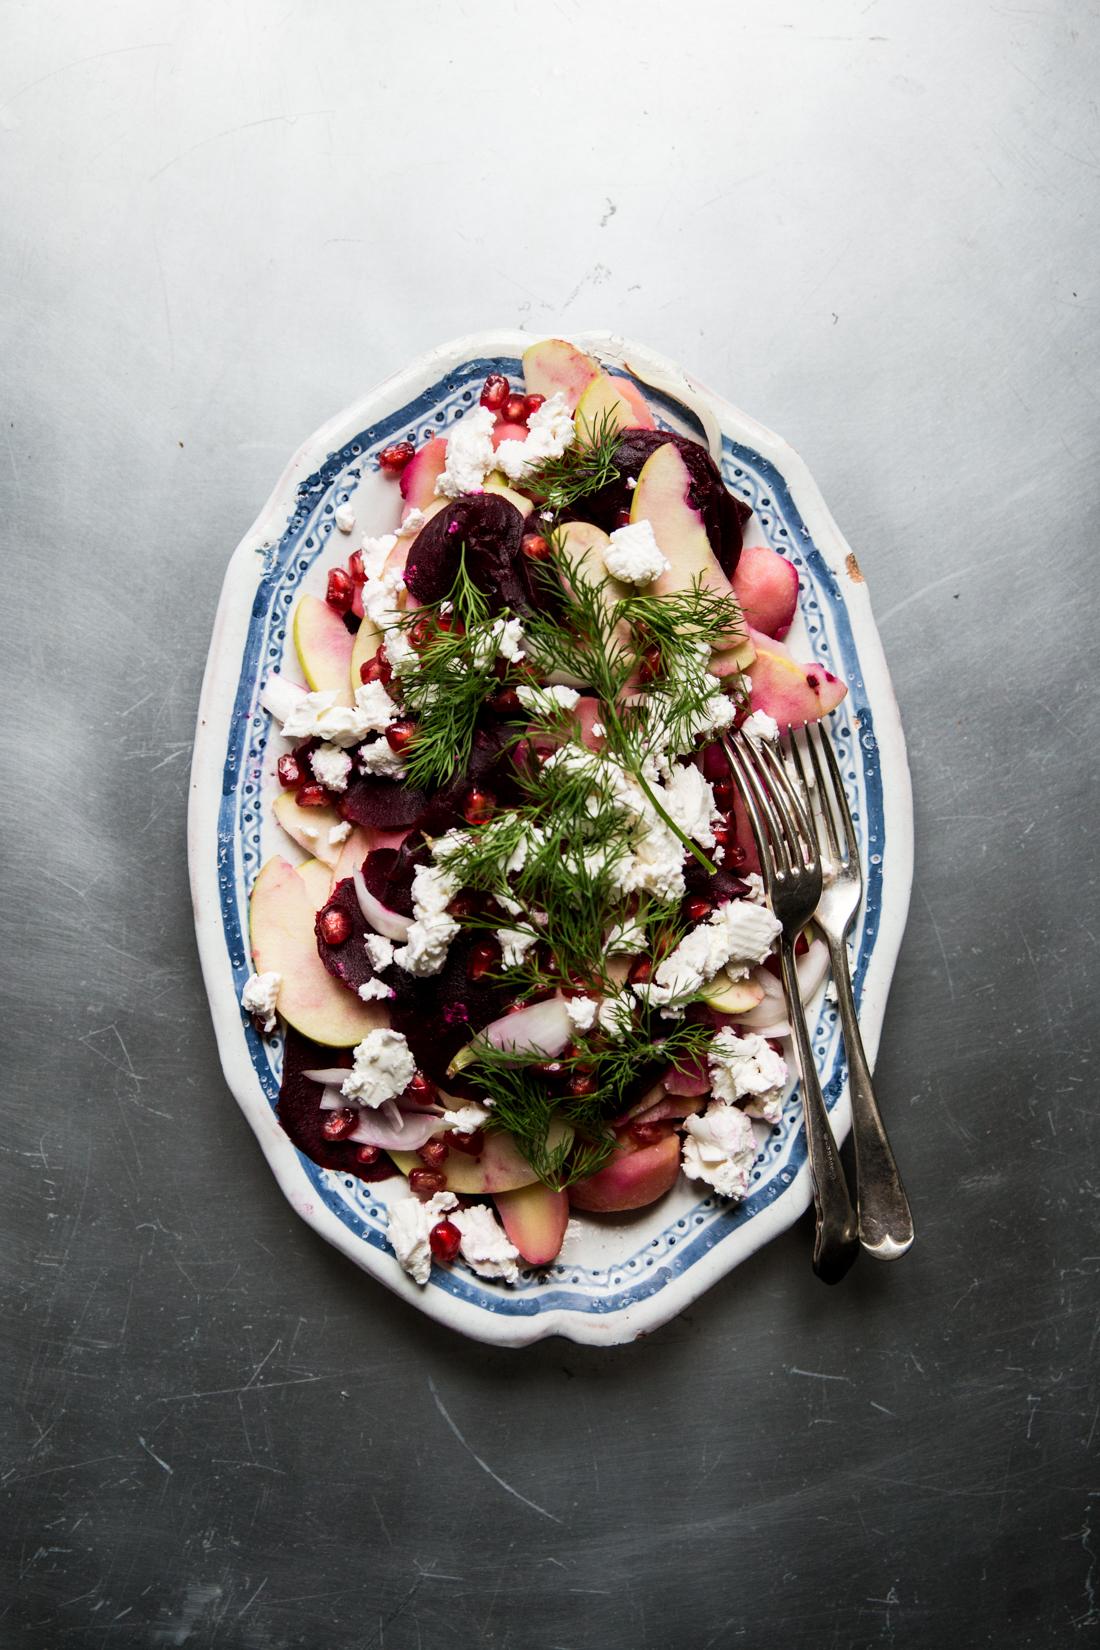 salade-de-betteraves-pommes-pommes-de-terre-grenade-chevre-aneth-ophelies-kitchen-book-ophelie-lauret-3